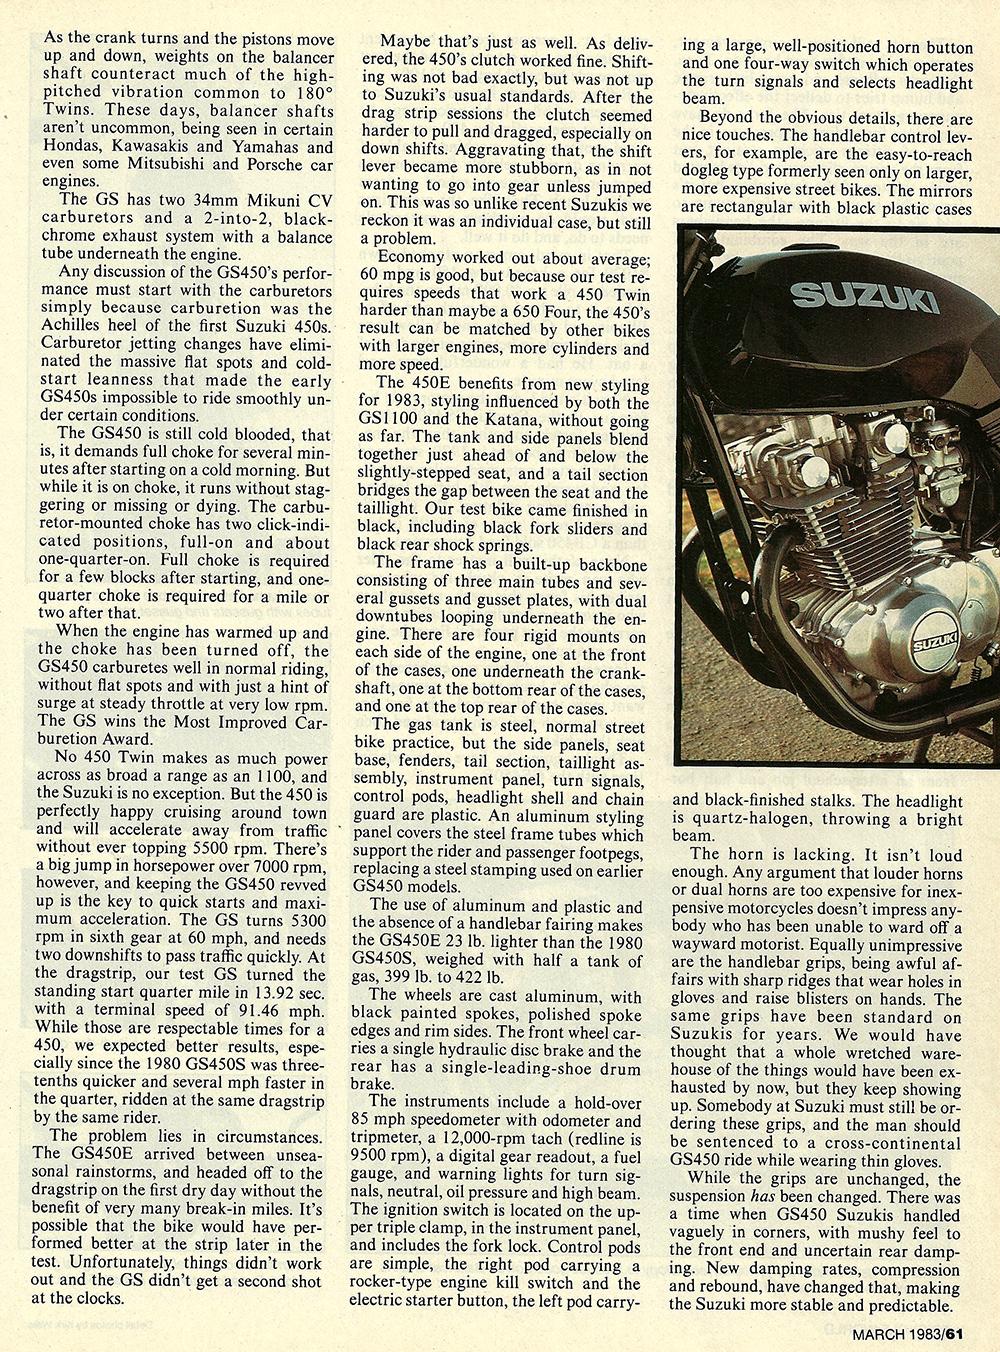 1983 Suzuki gs450e 02.jpg